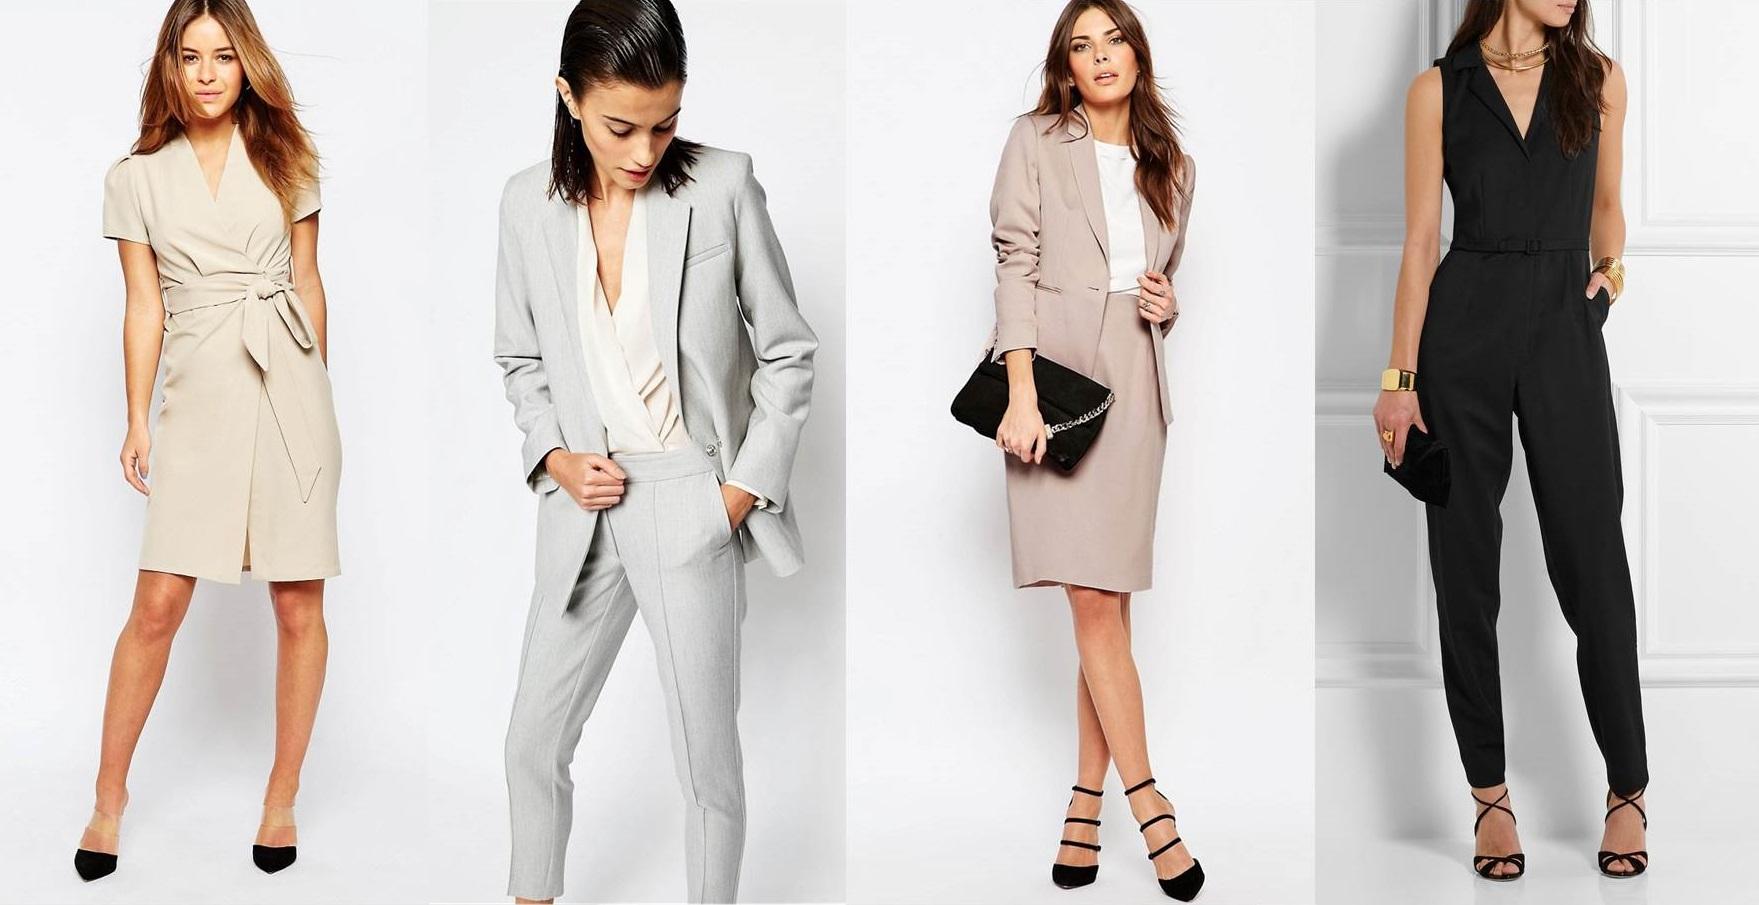 d58837c33c96 Come vestirsi alla laurea  consigli di stile per un giorno ...